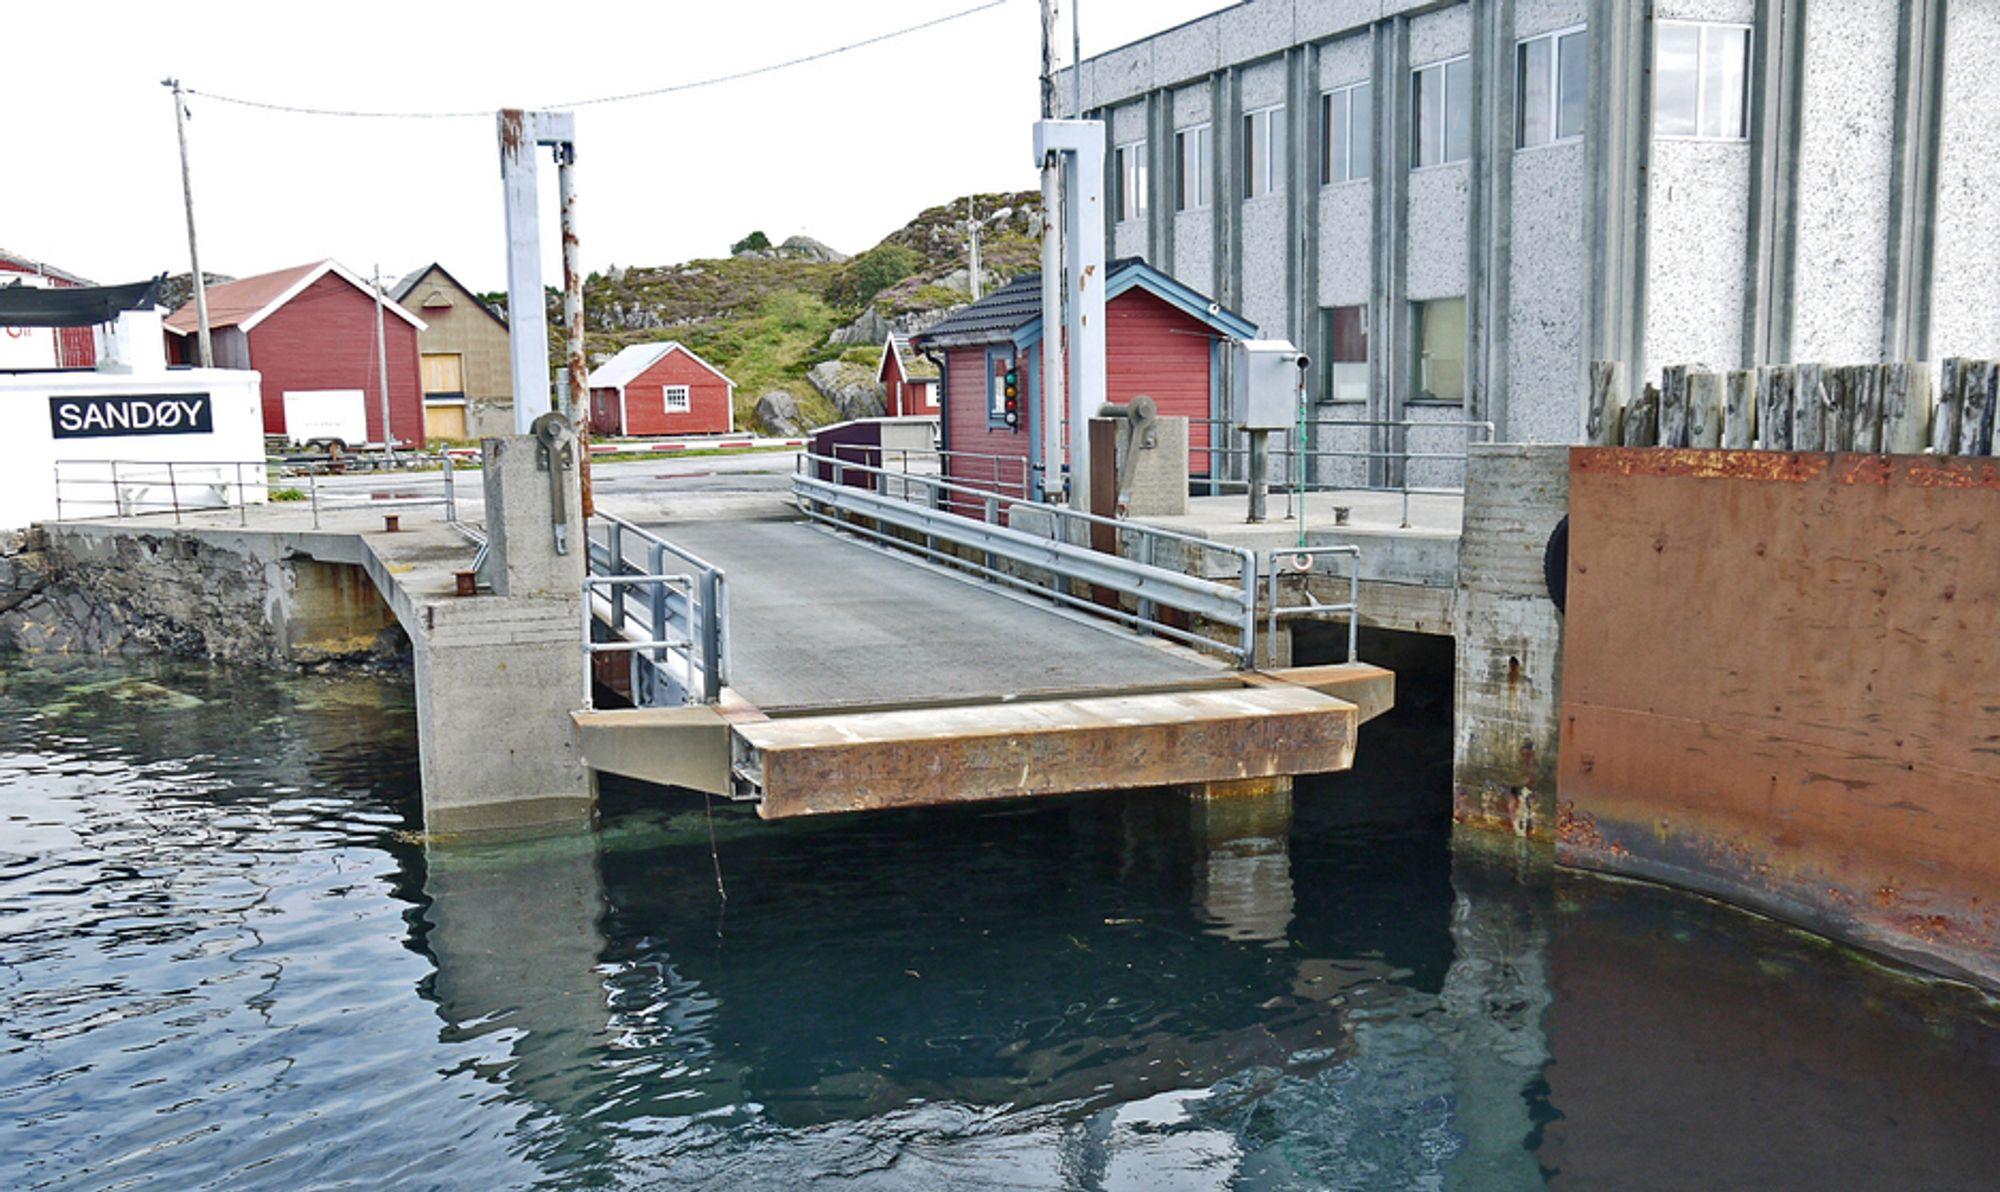 Her på Sandøy skal fergekaibåsen utvides mot venstre for at fergekaibrua skal kunne flyttes i samme retning. Tilleggskaia til høyre blir bygd om og forlenget, og de rustne stålplatene blir erstattet med et moderne fenderverk.